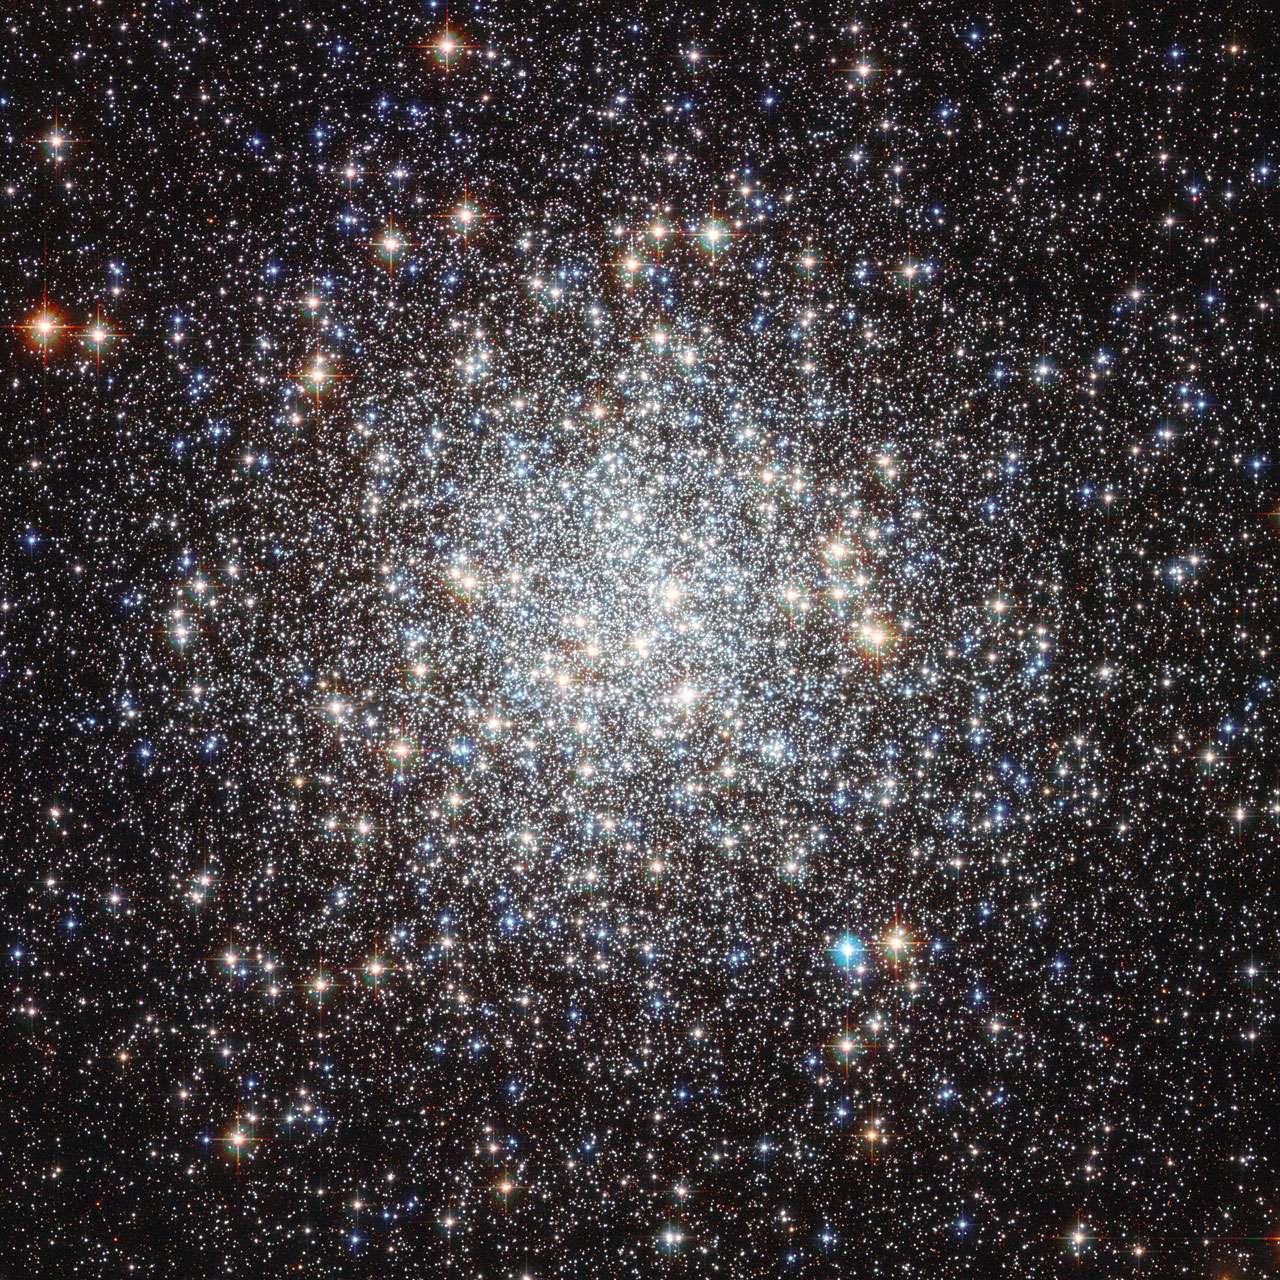 Féérie d'étoiles dans l'amas globulaire Messier 9 grâce au télescope spatial américain Hubble. © Nasa/Esa